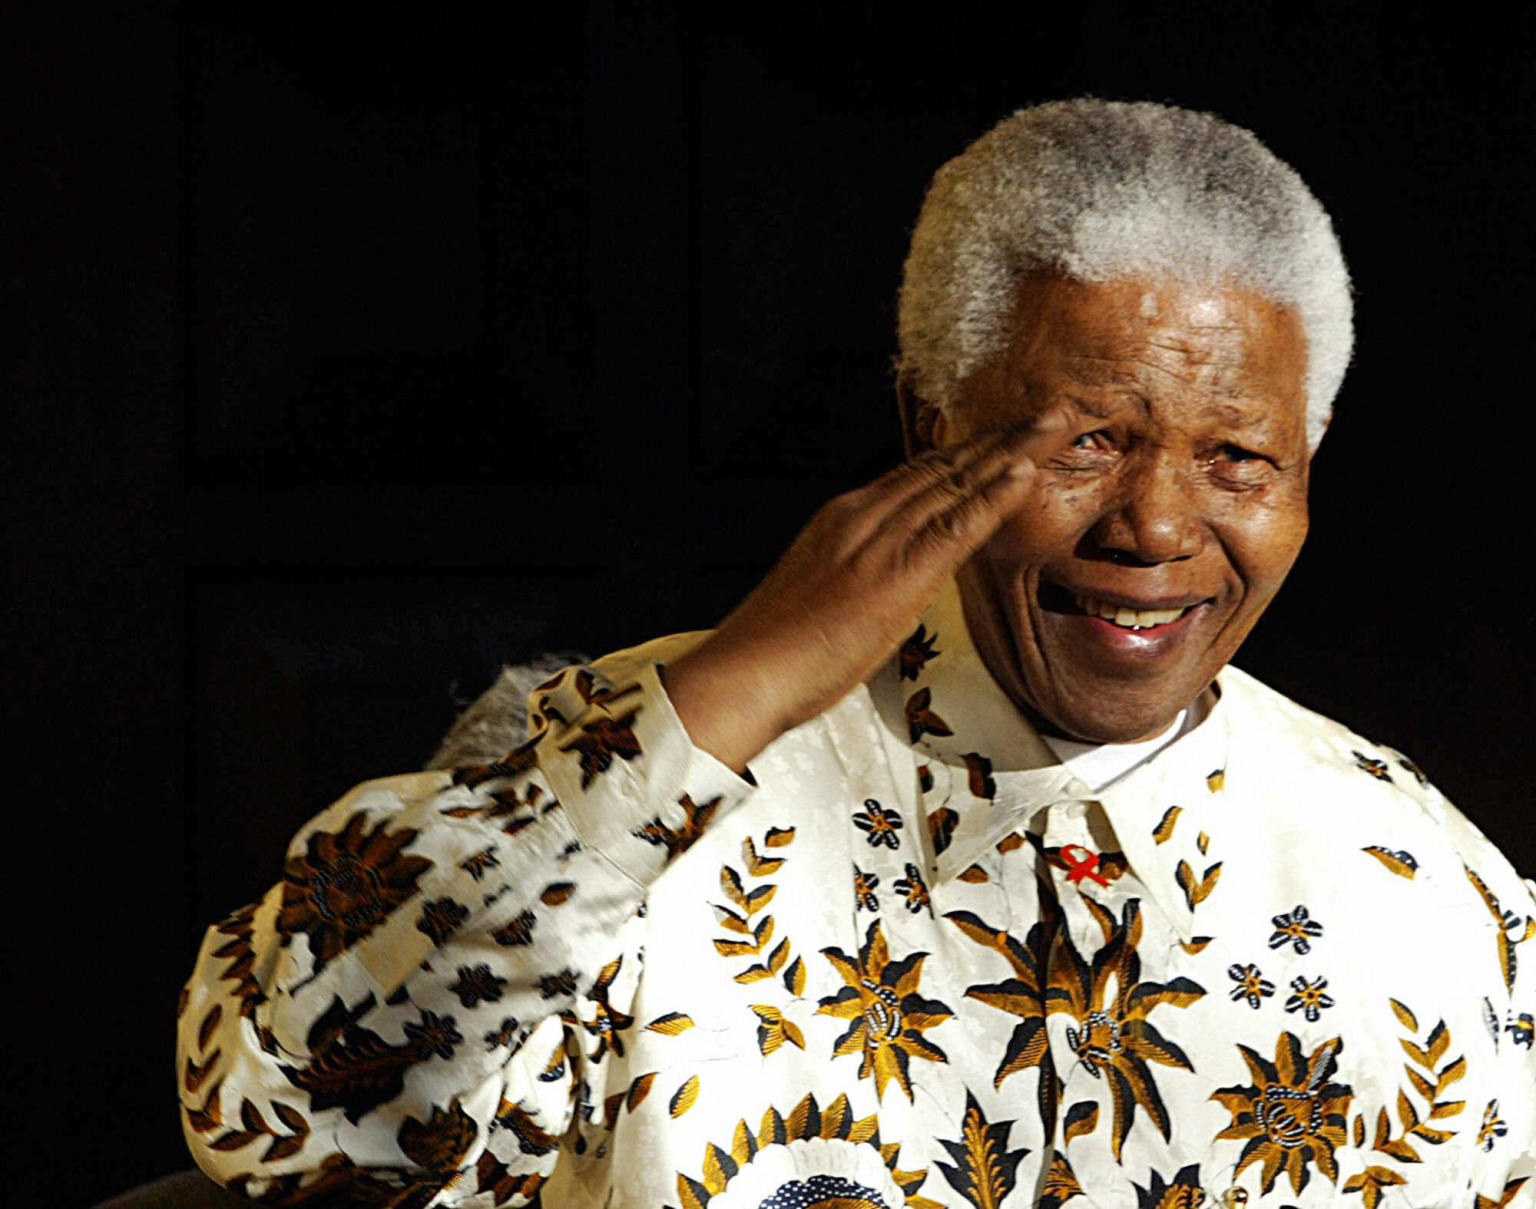 Des milliers de Sud-Africains unis pour rendre hommage à Nelson Mandela